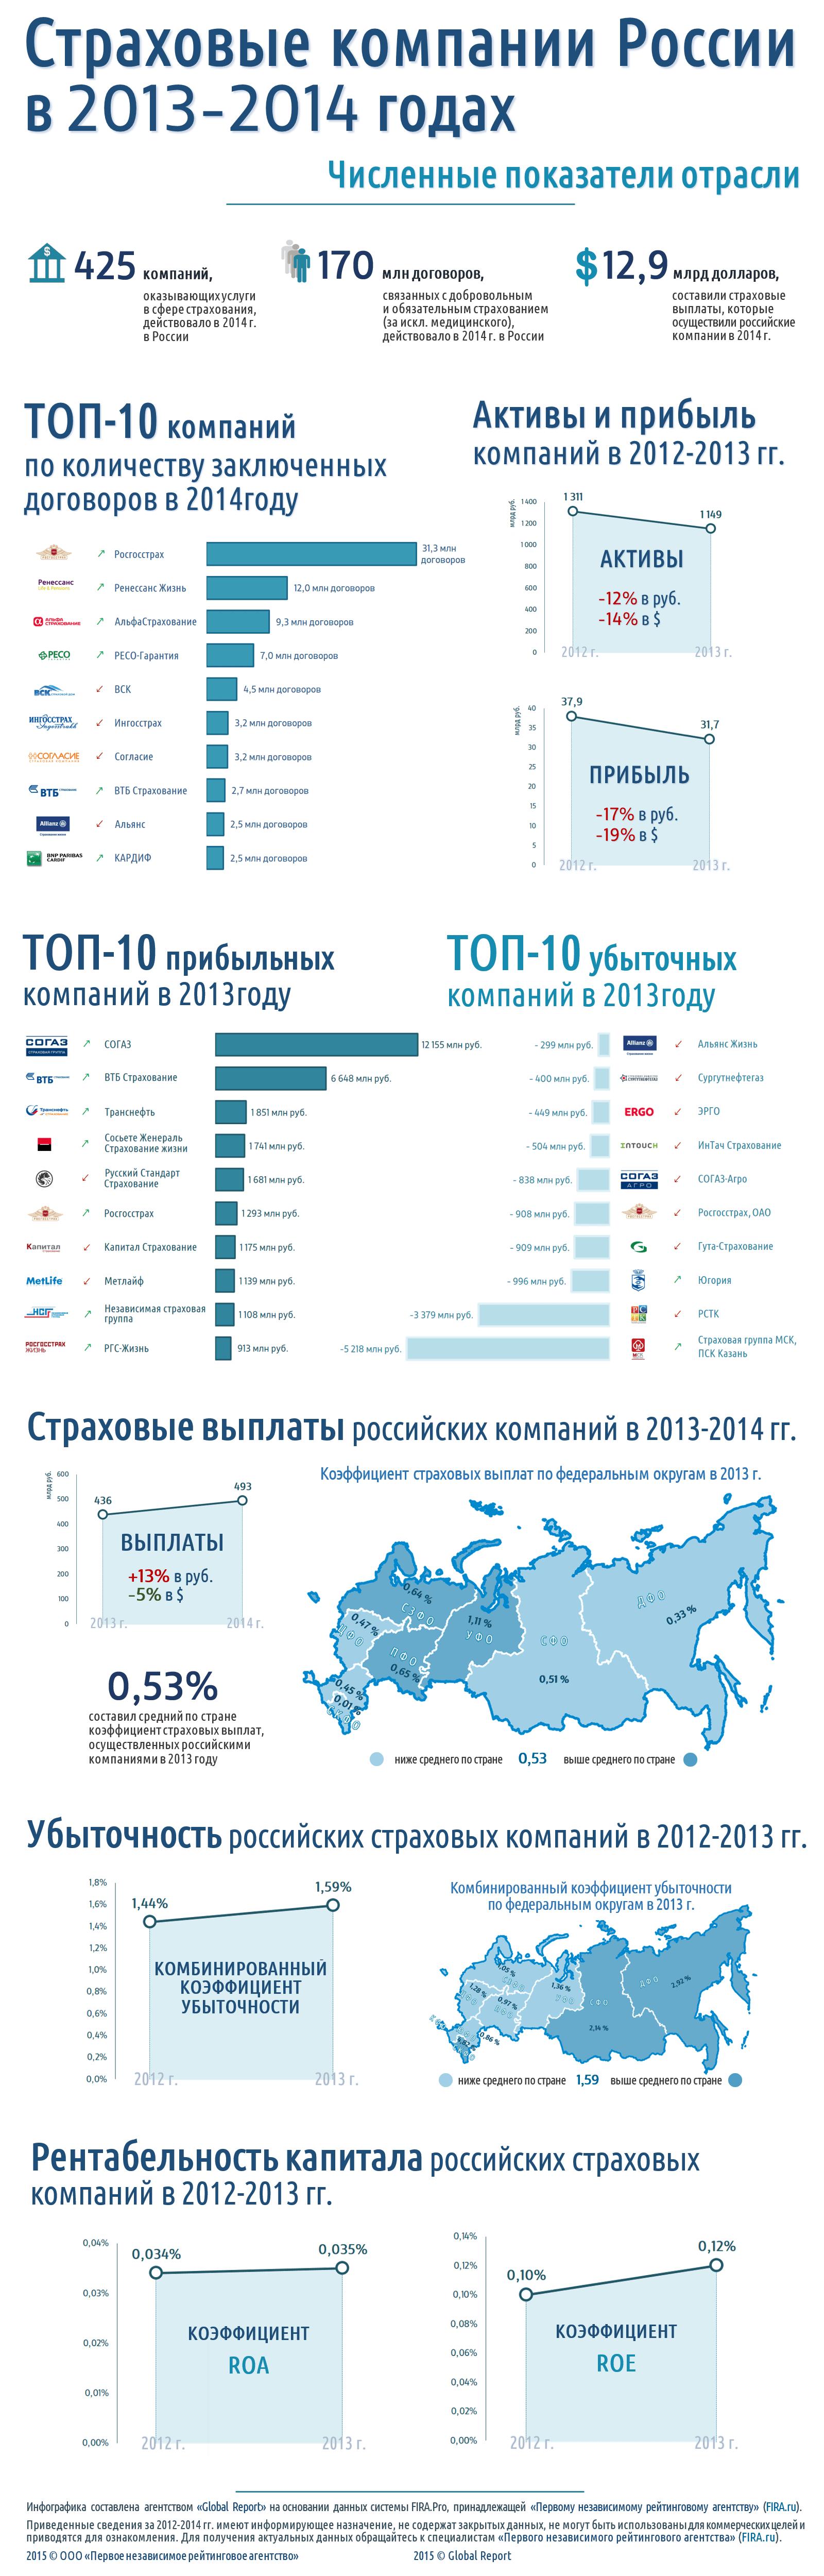 Страховая отрасль в России в 2013-2014